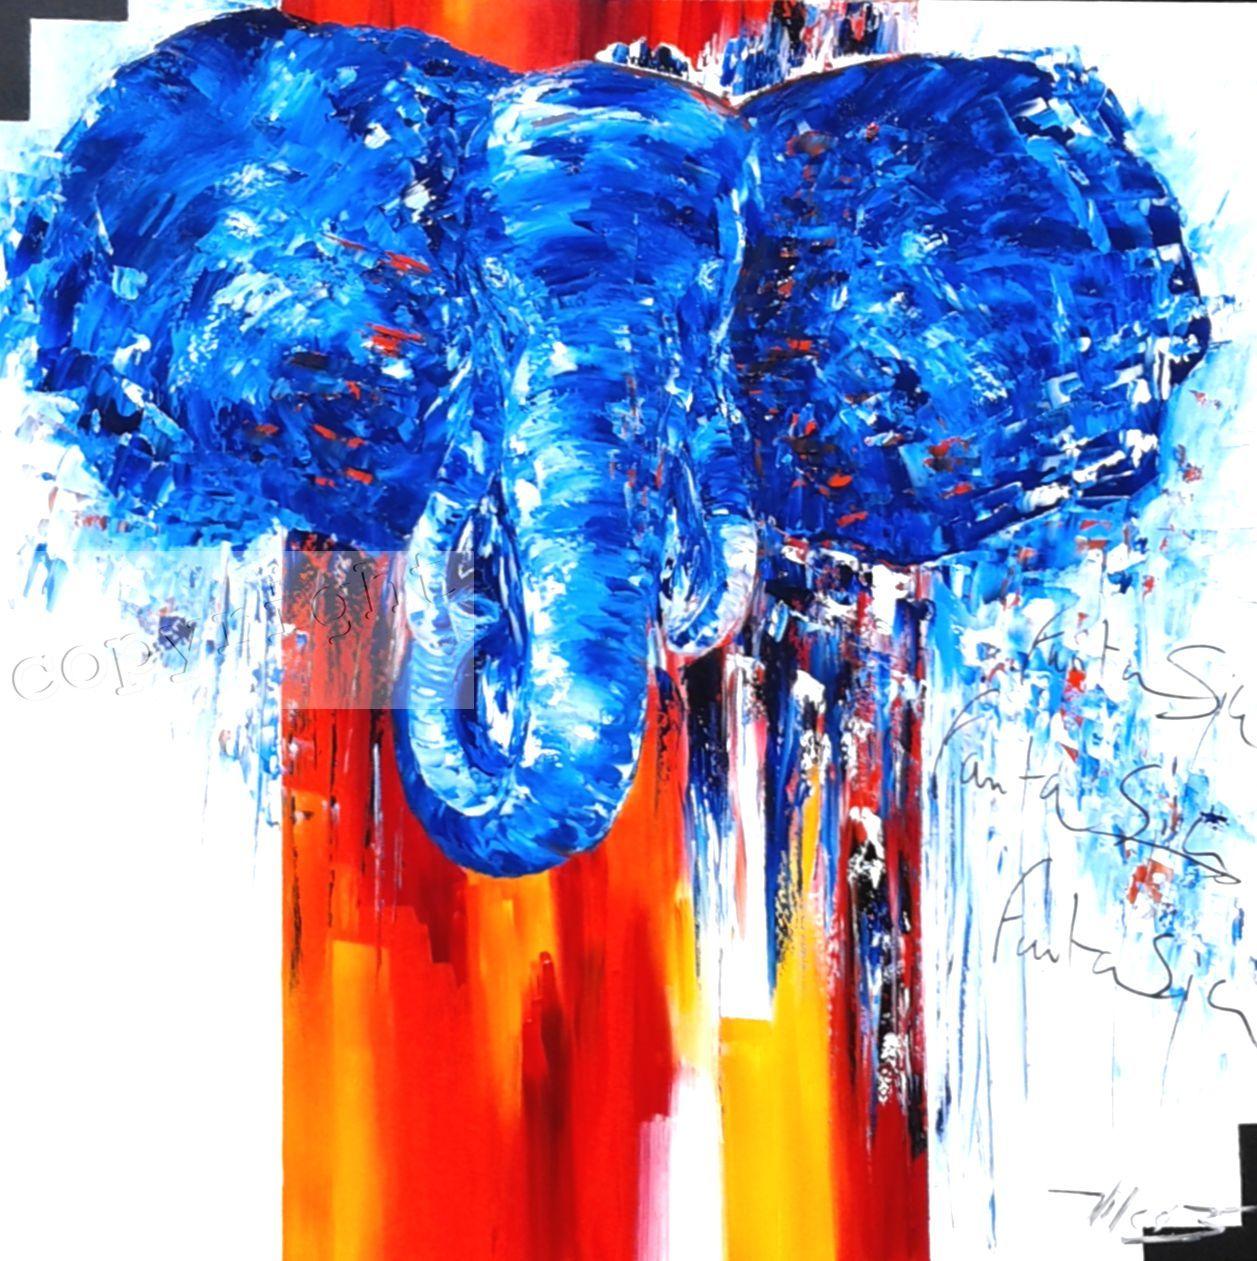 ElephantasyHuile sur toile90 x 90 cmCopyright Vilcaz